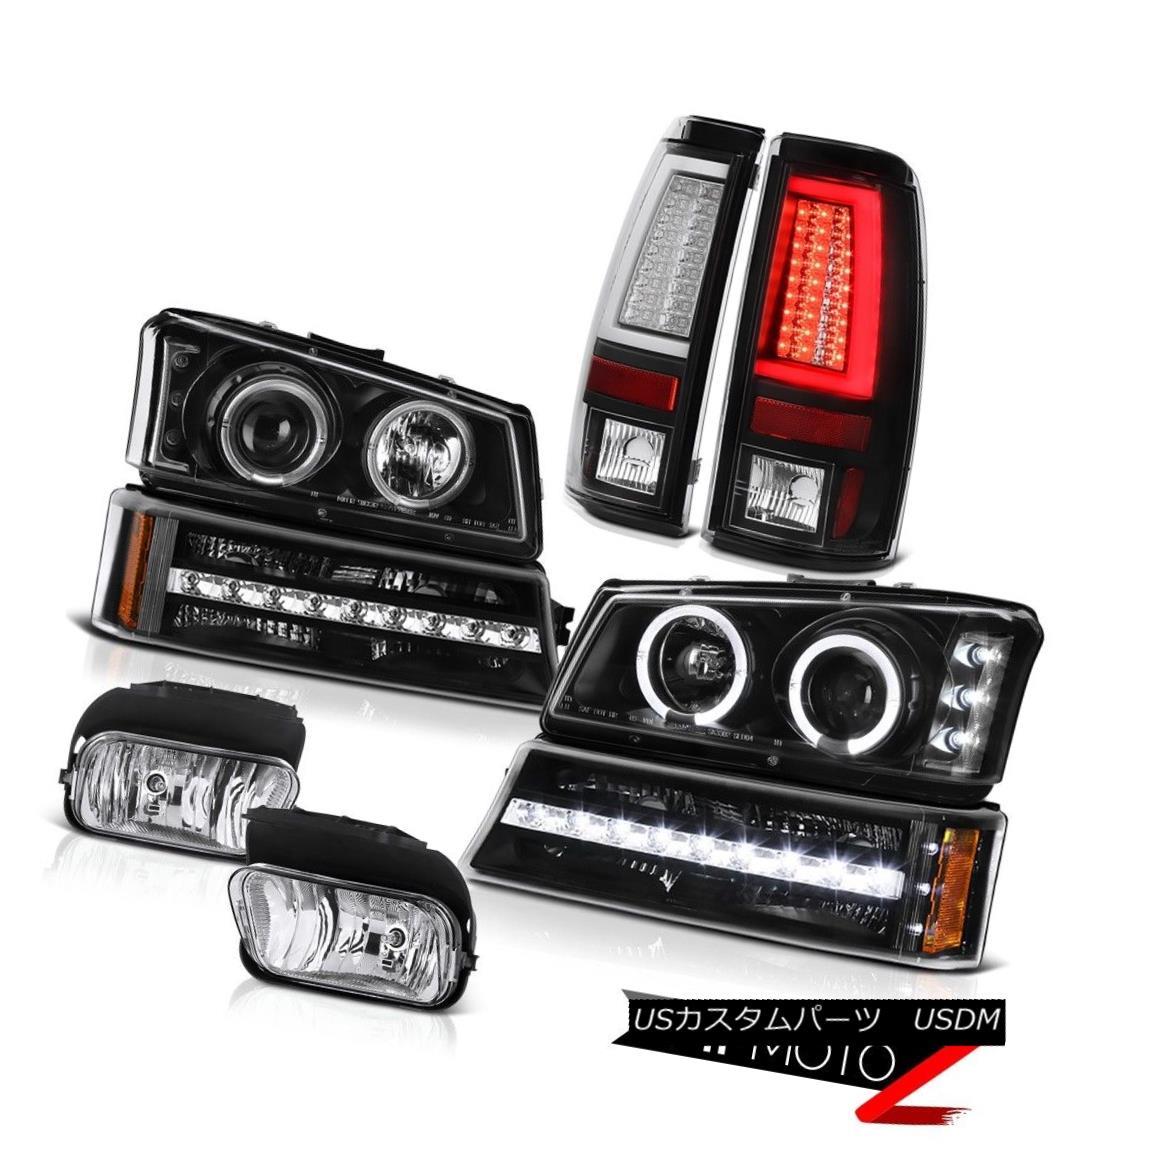 ヘッドライト 03-06 Silverado Tail Brake Lamps Chrome Fog Lights Parking Light Headlamps LED 03-06 Silveradoテールブレーキランプクロームフォグライト駐車ライトヘッドランプLED